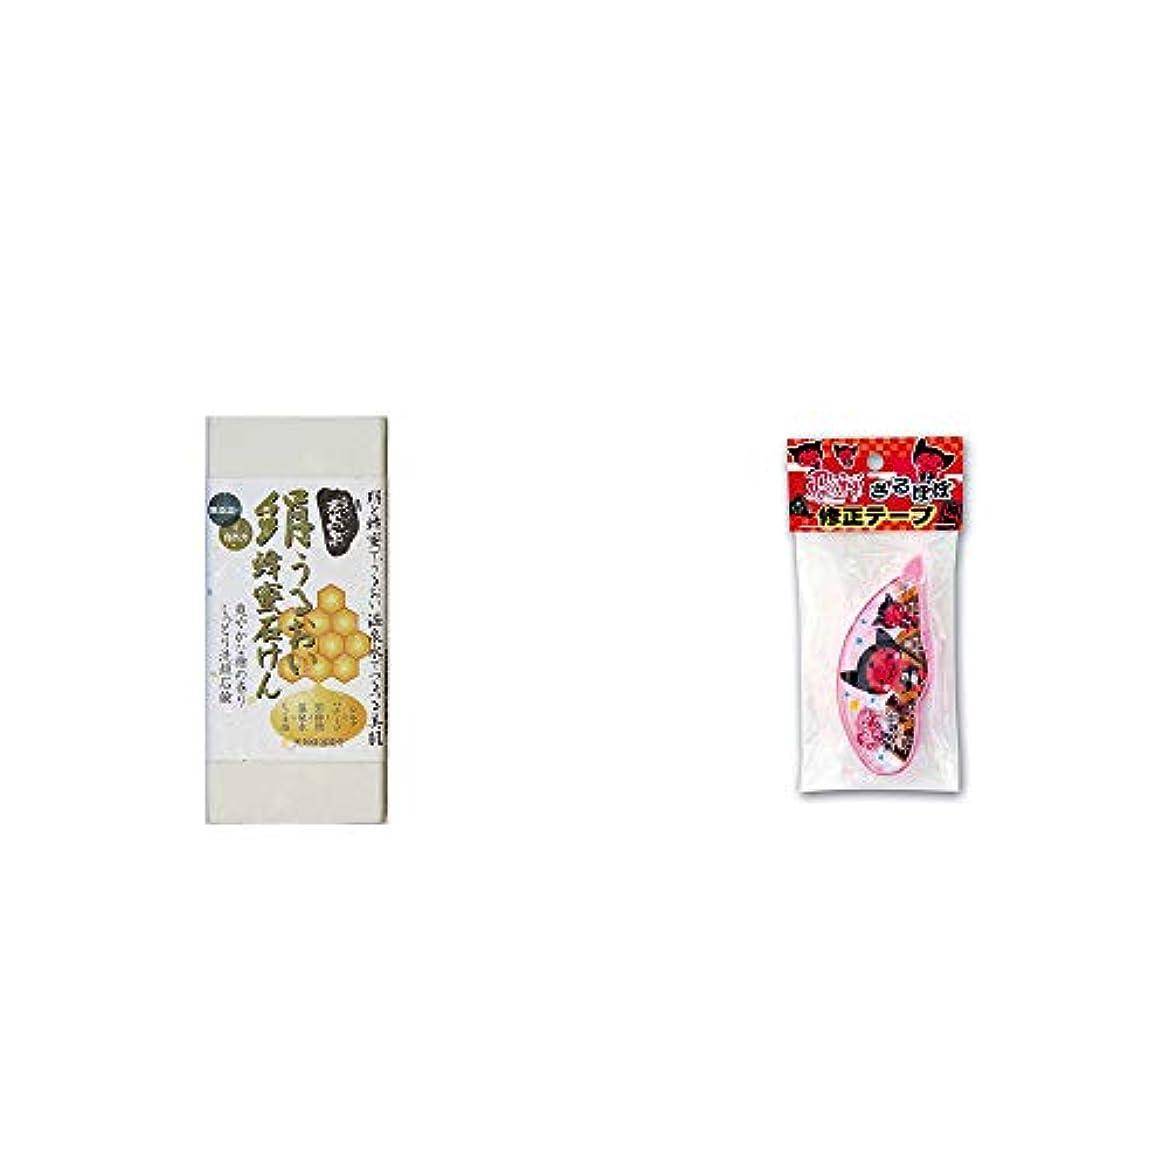 浮浪者橋脚スーダン[2点セット] ひのき炭黒泉 絹うるおい蜂蜜石けん(75g×2)?さるぼぼ 修正テープ【ブルー】